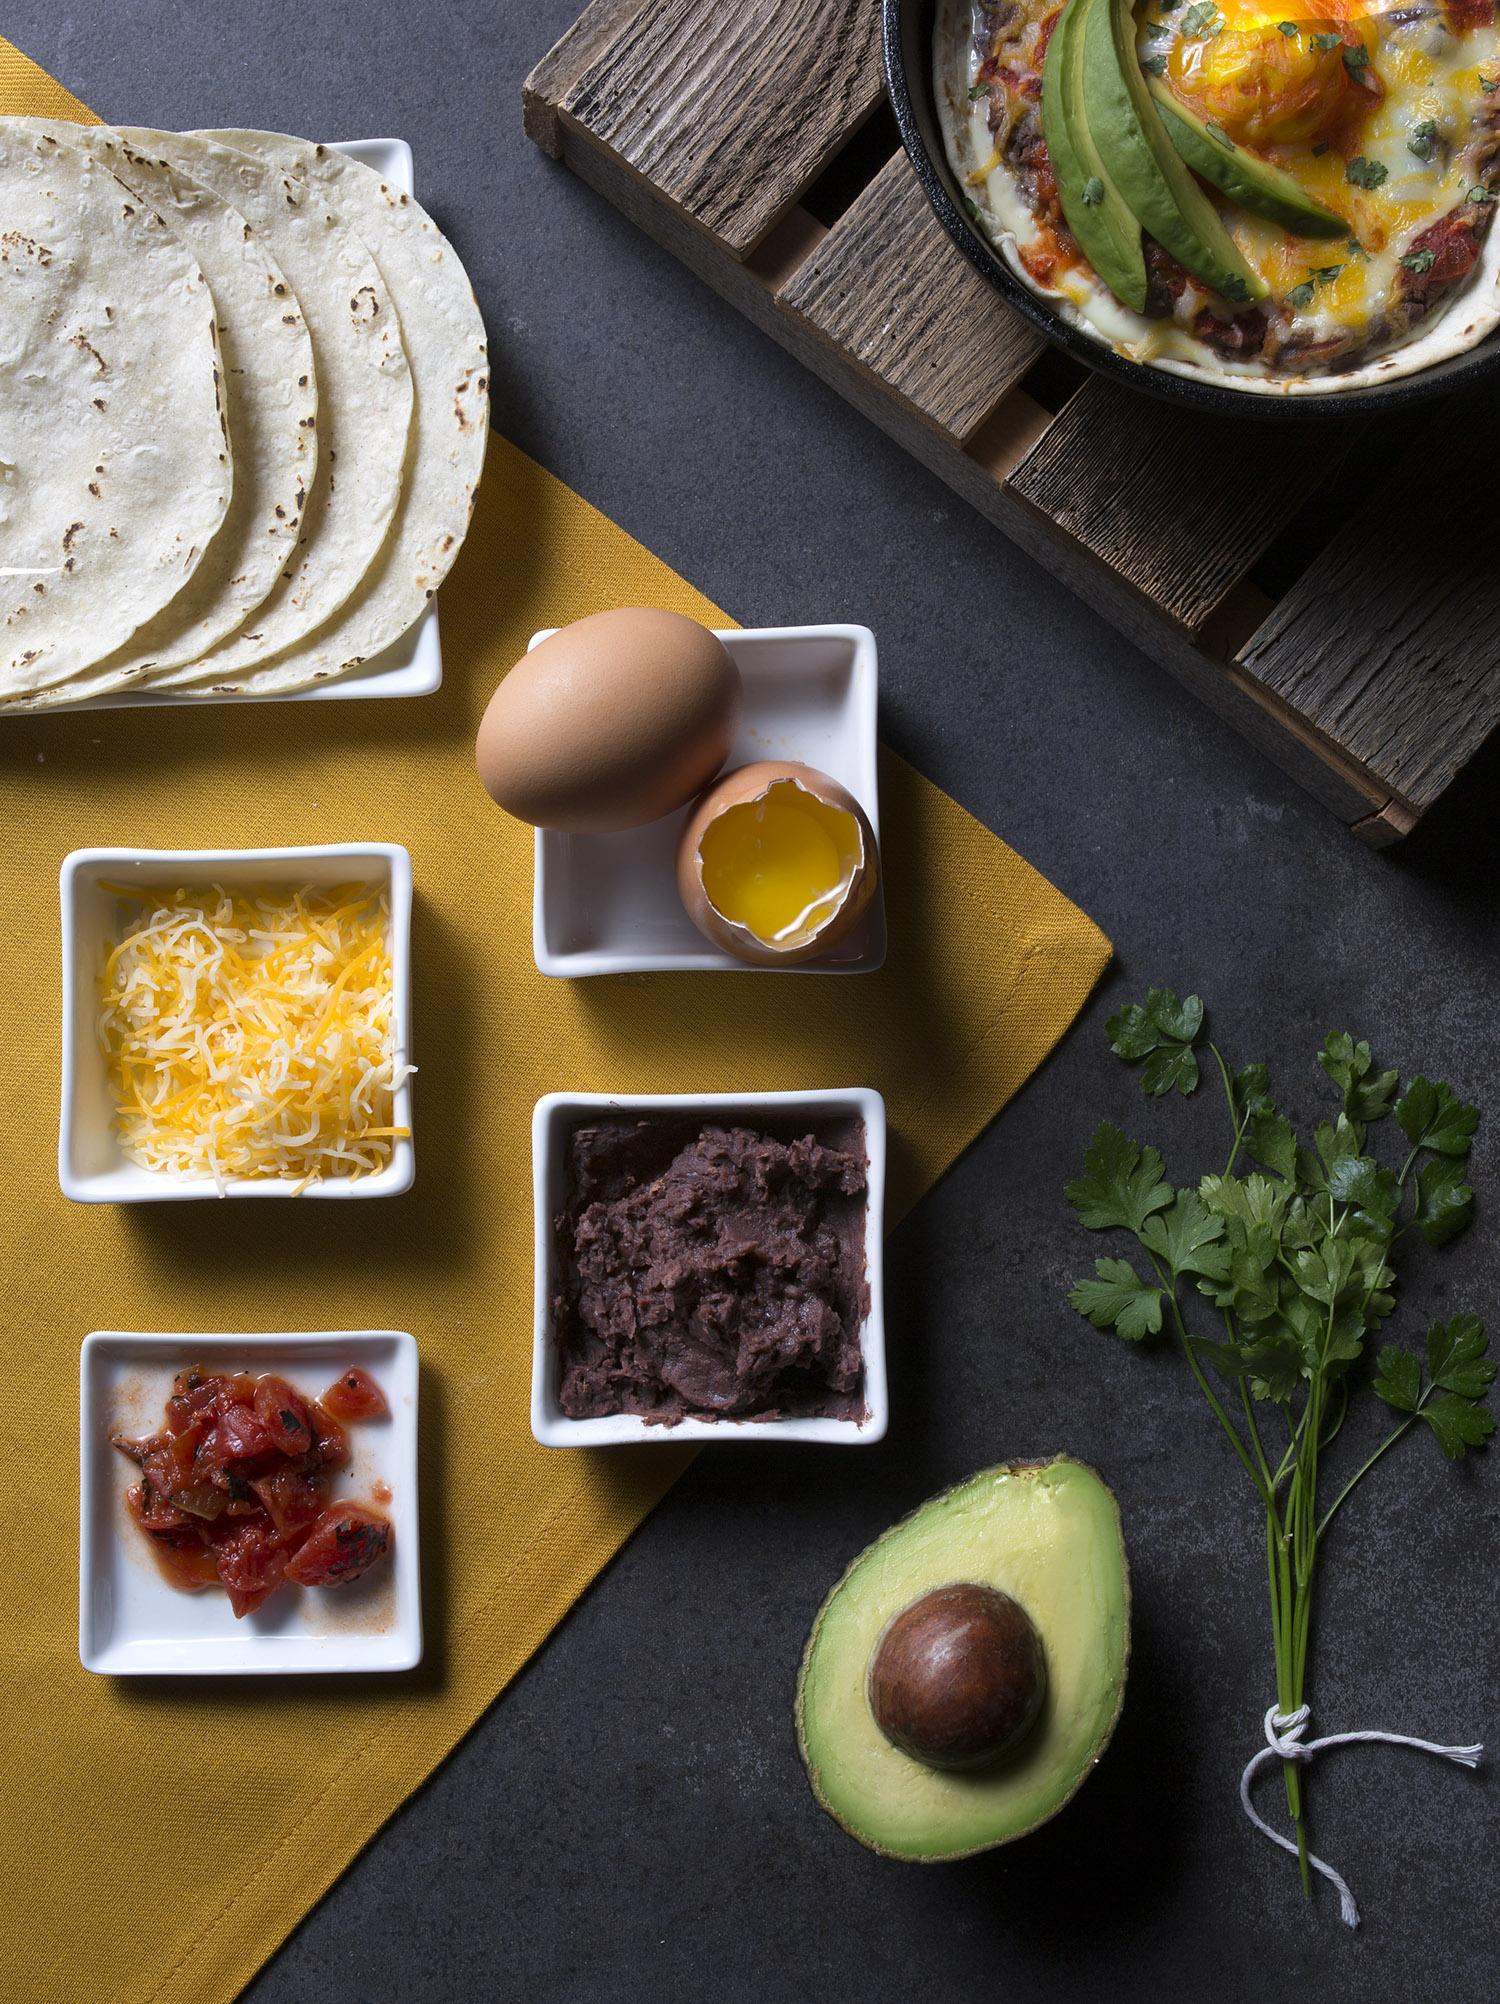 yasara gunawardena egg ingredients